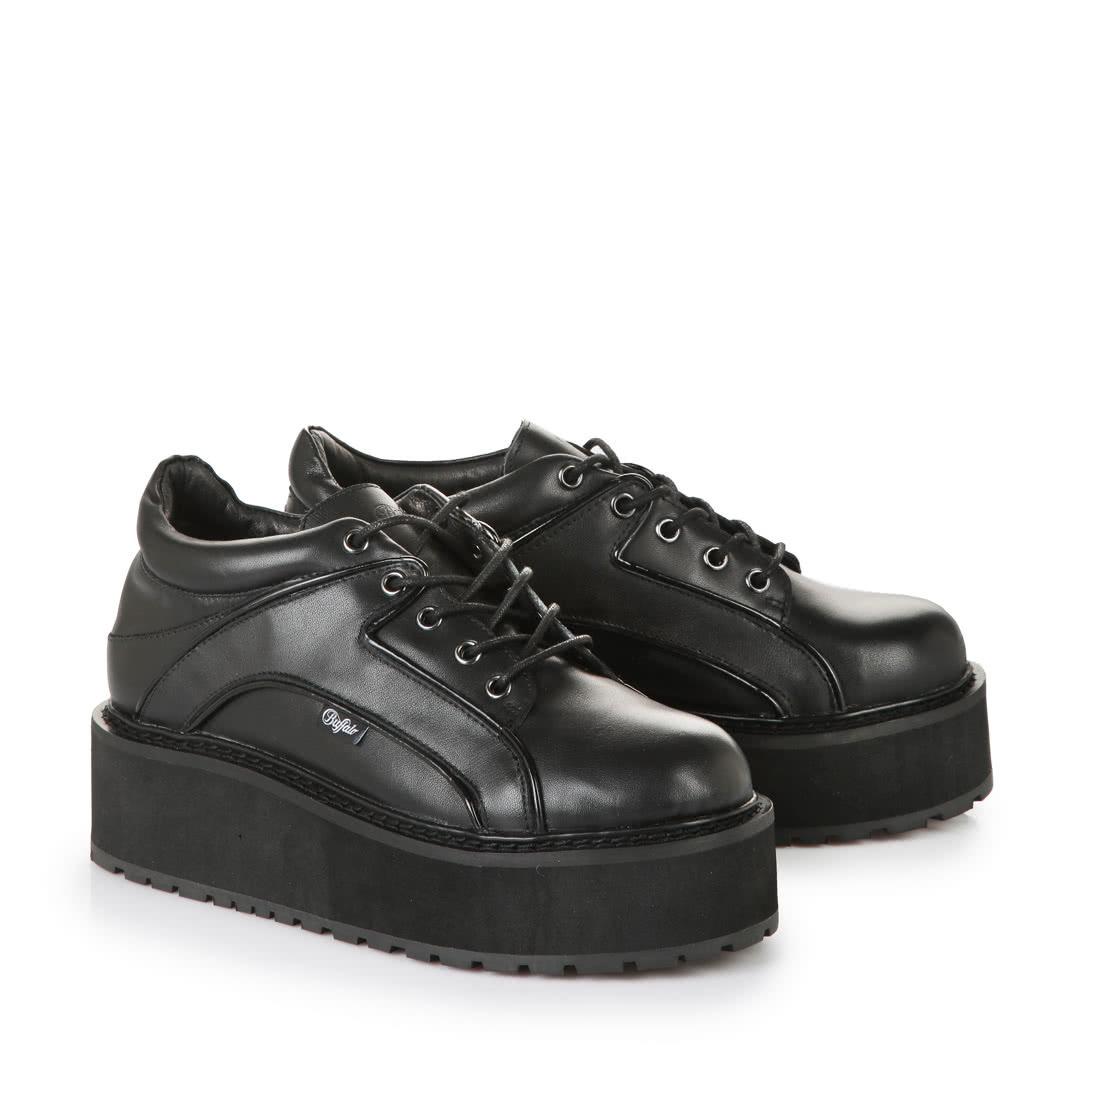 London Shoes Sale Online Shop